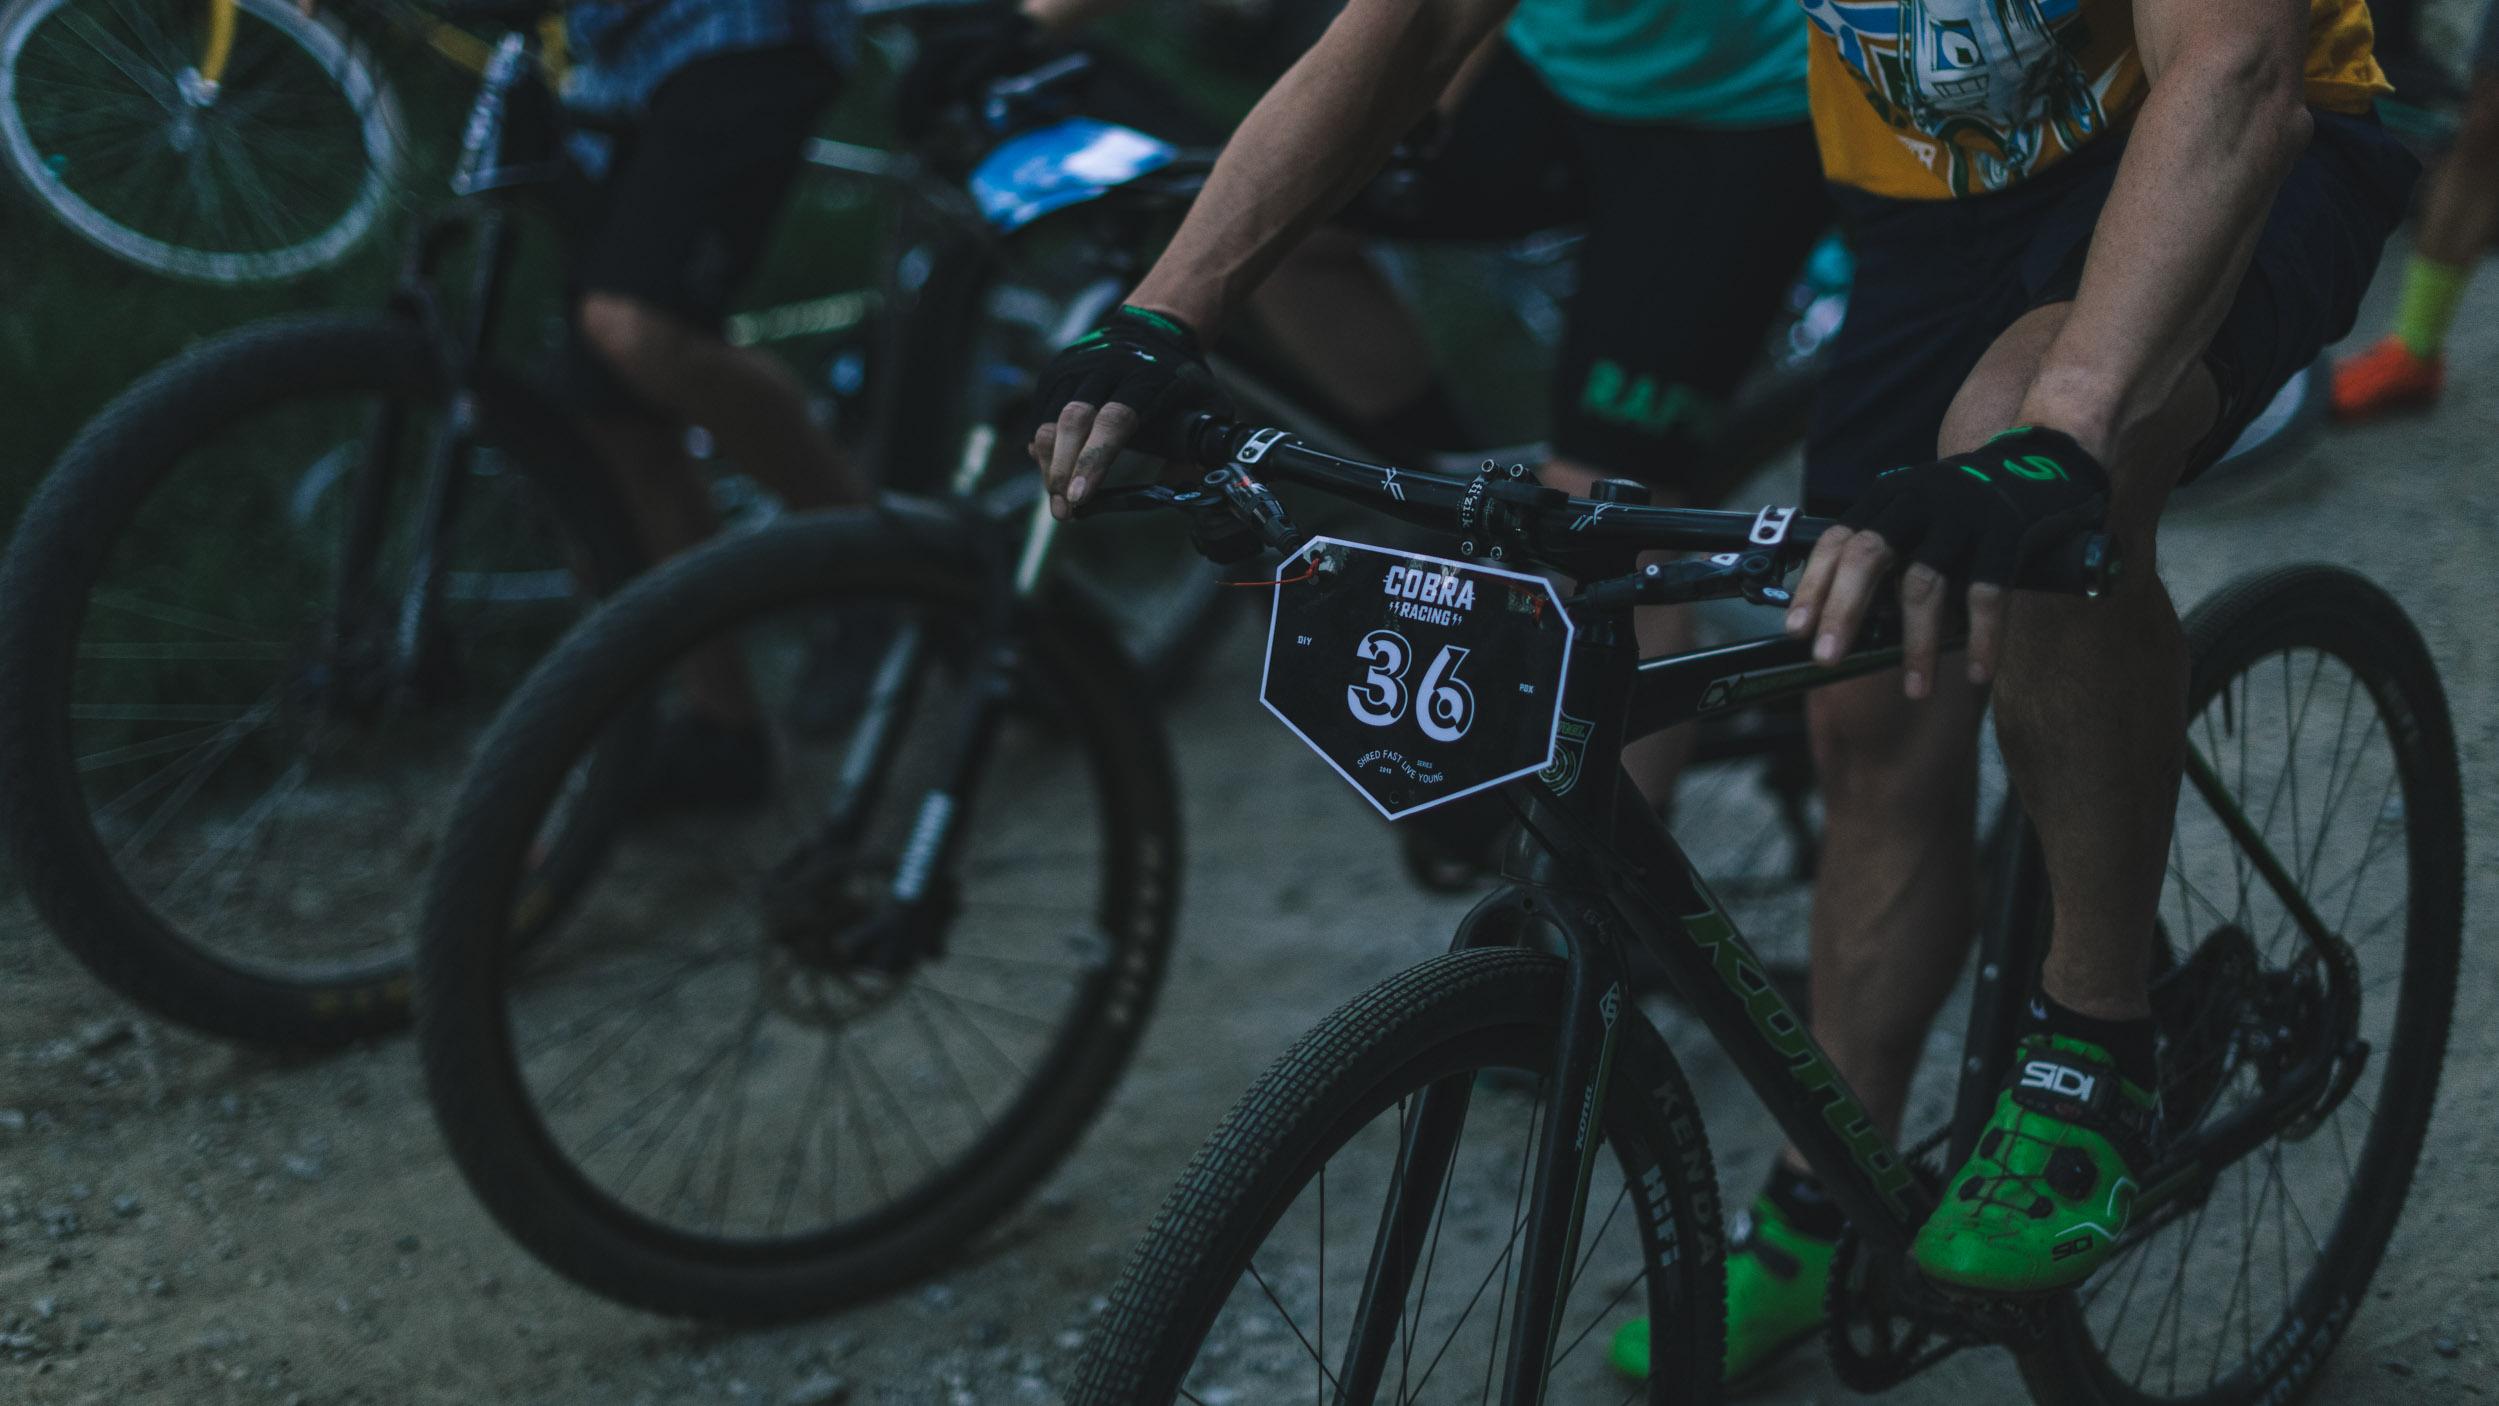 COBRA_Racing_Gateway_Miguel_Race_42.jpg